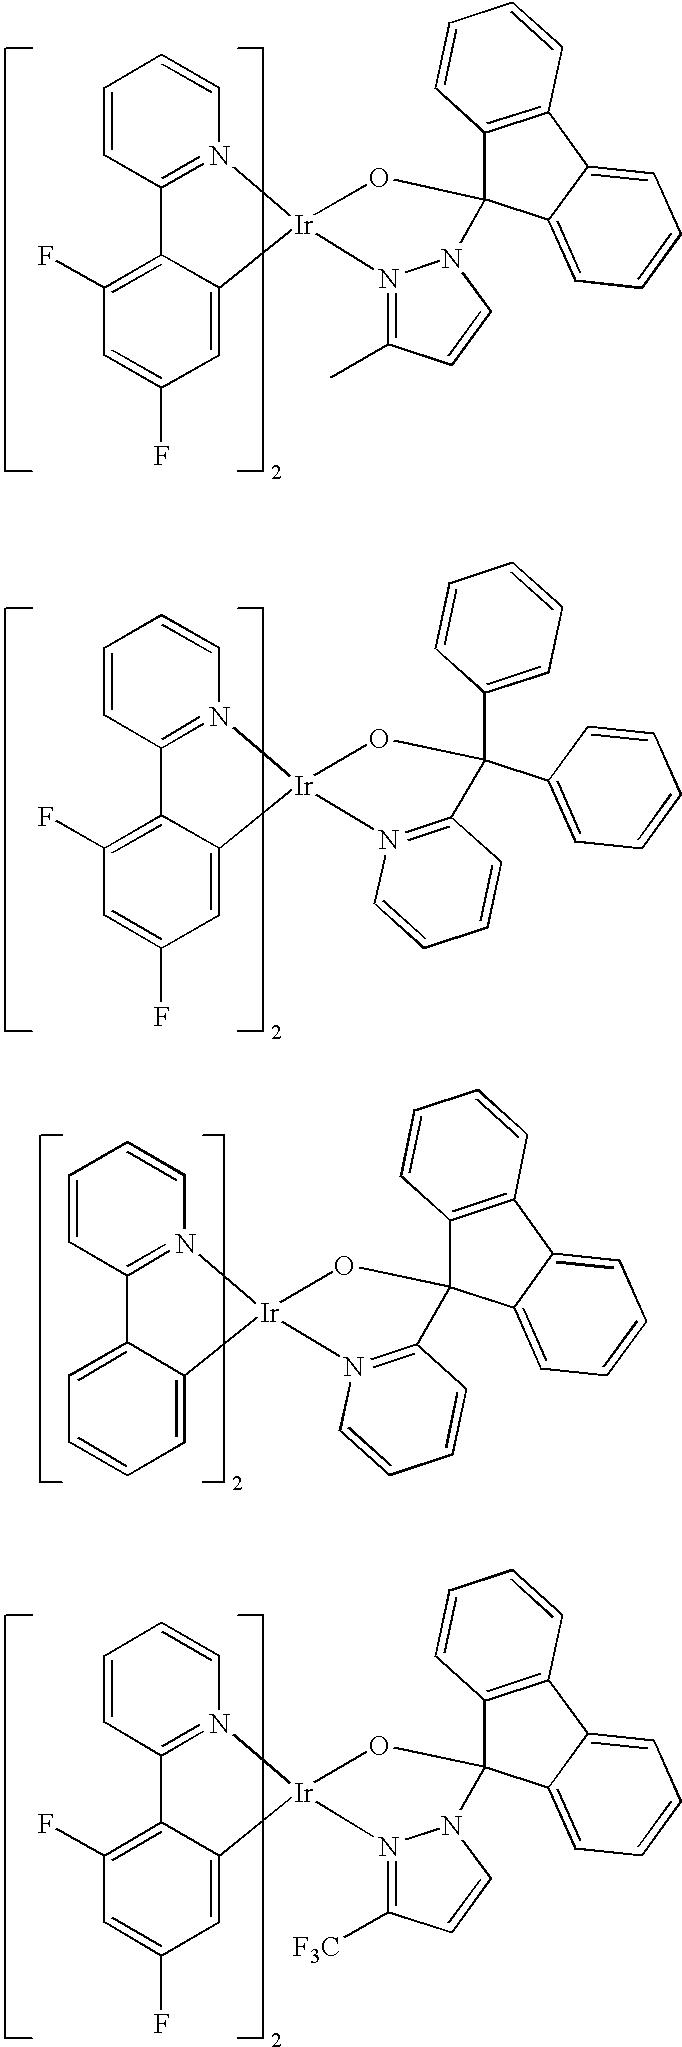 Figure US20090039779A1-20090212-C00015